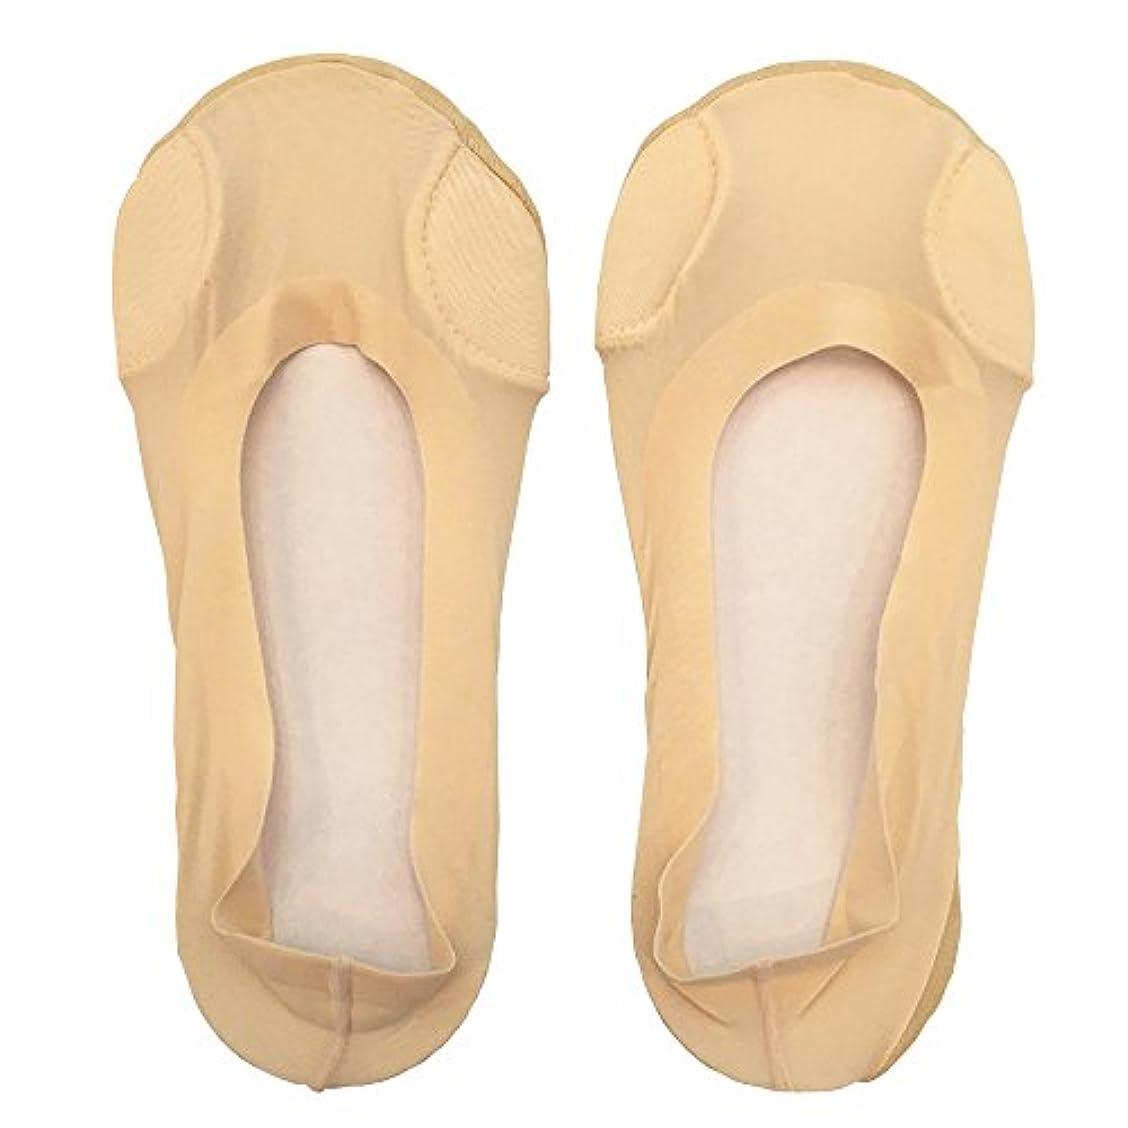 神社カプラーペインギリックDrScholl(ドクターショール)靴ずれ防止フットカバー 指両側クッション付き 8805DR-80 ベージュ